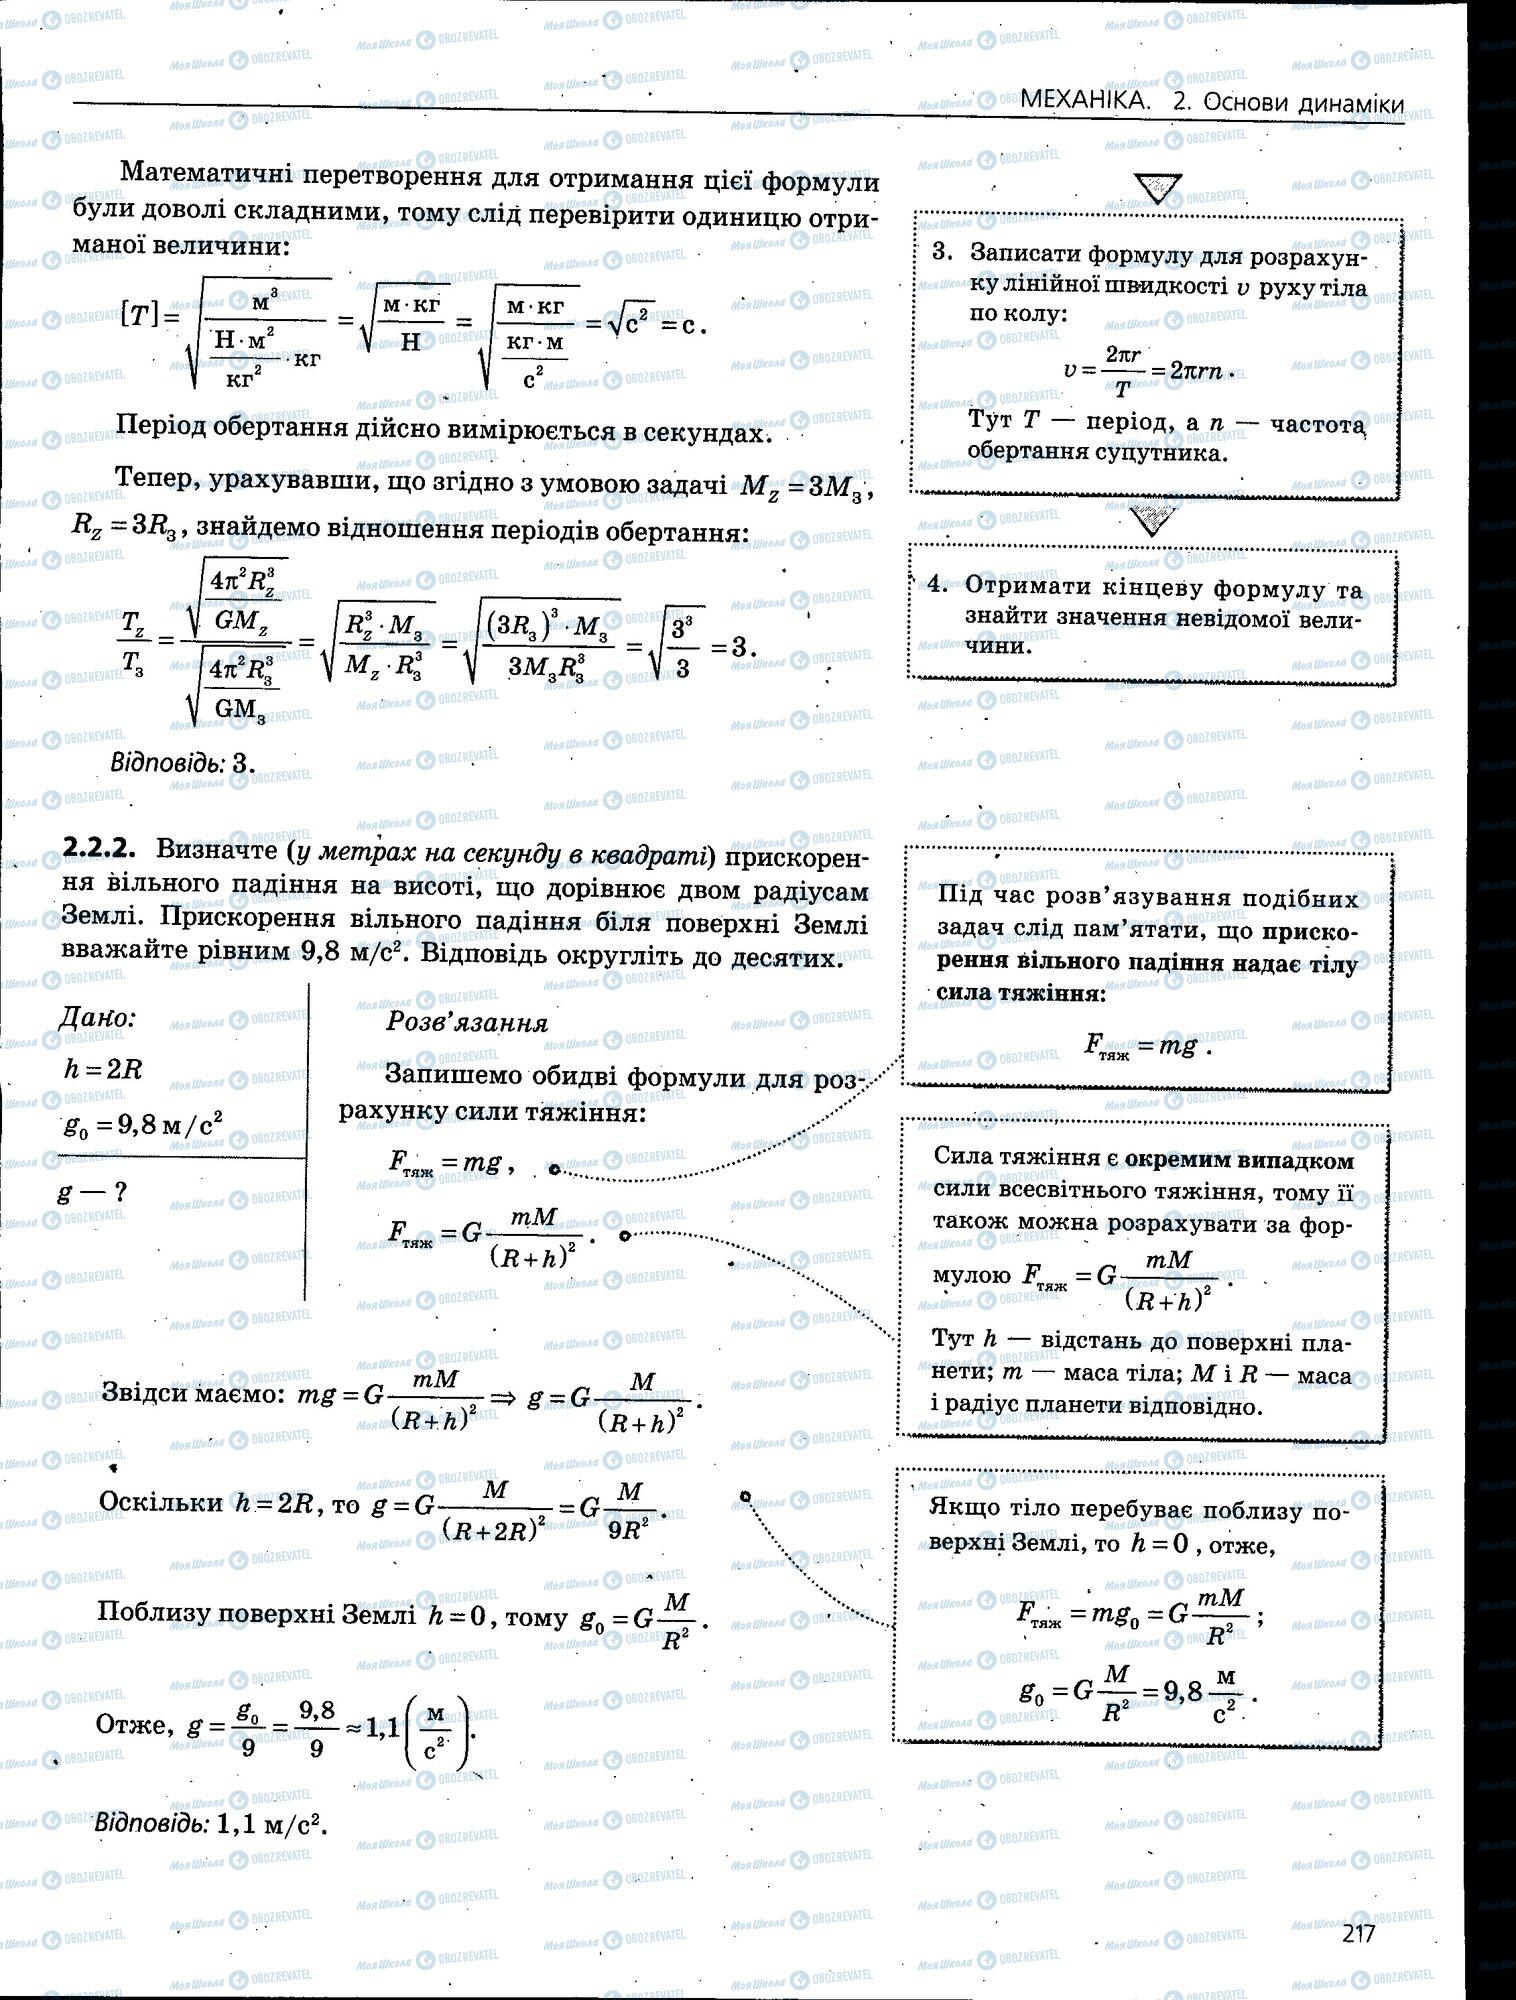 ЗНО Физика 11 класс страница 217